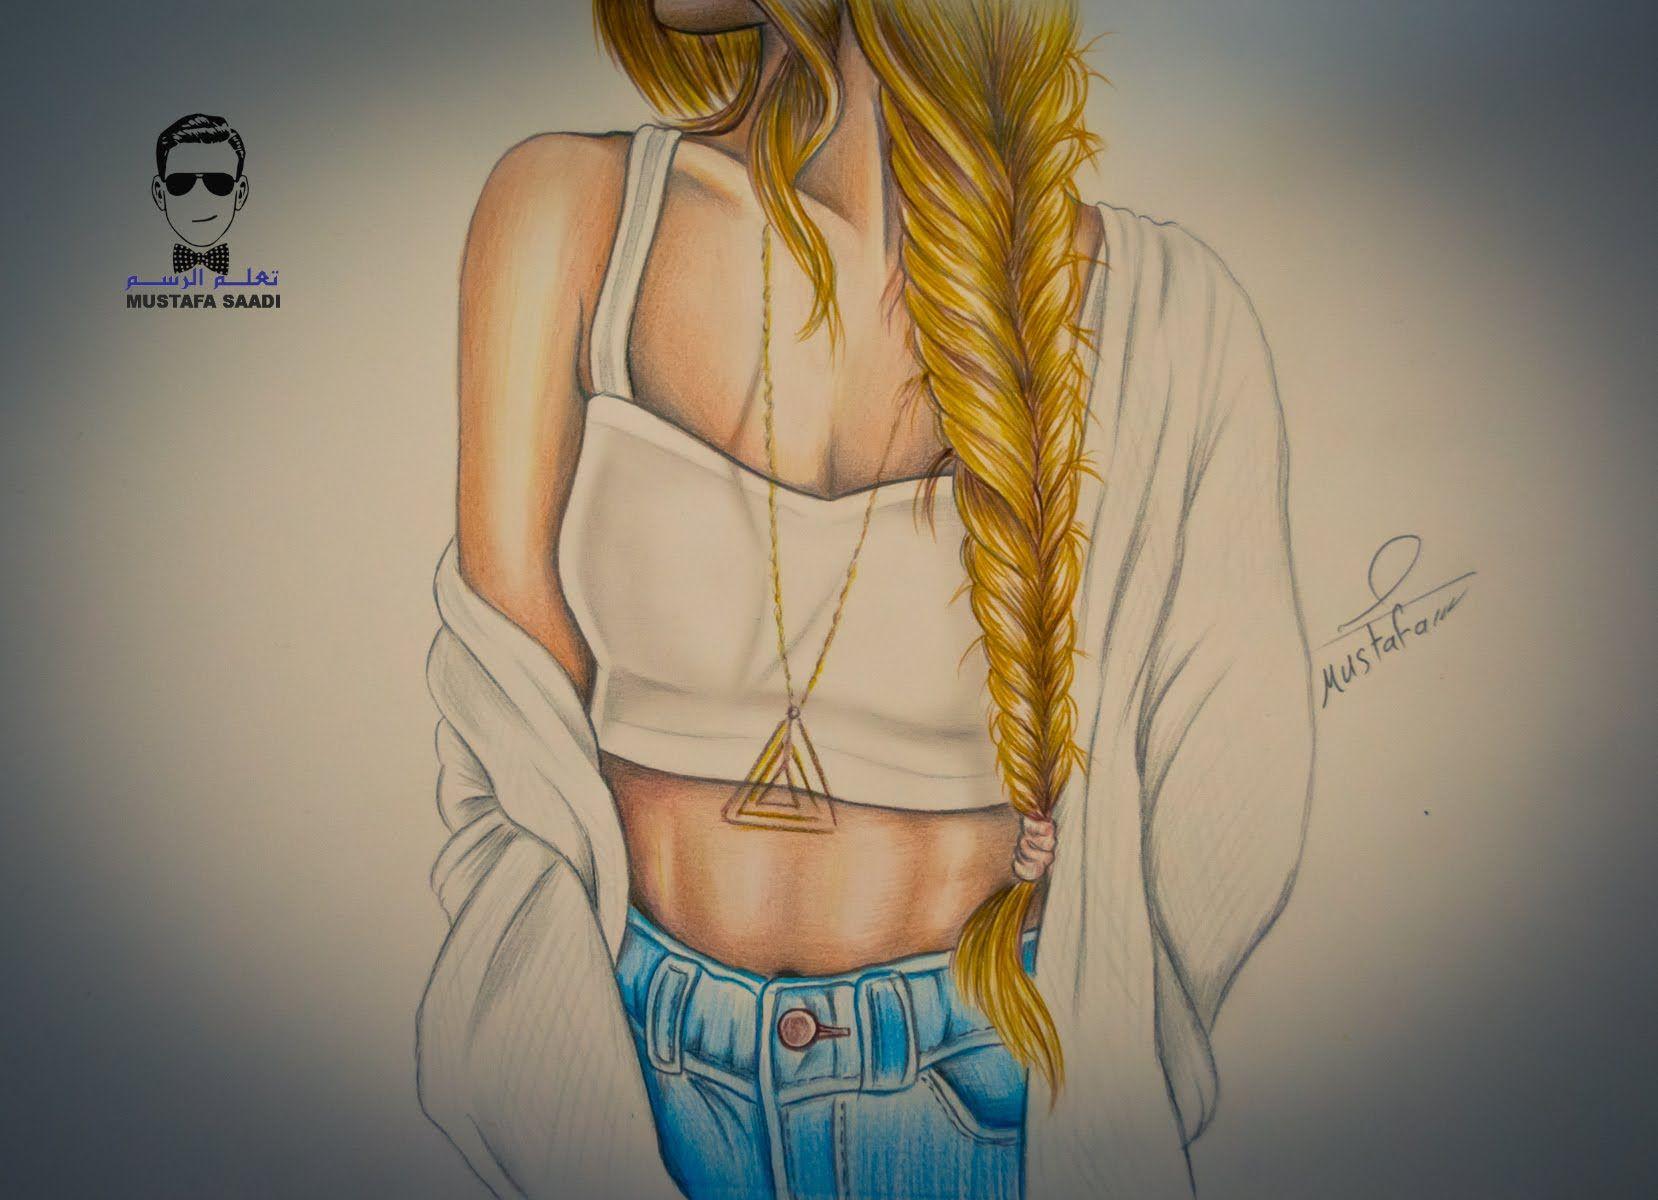 تعلم رسم جسم فتاة مع تسريحة شعر مميزة ظفيرة Dress Design Drawing How To Draw Hair Drawing Illustrations